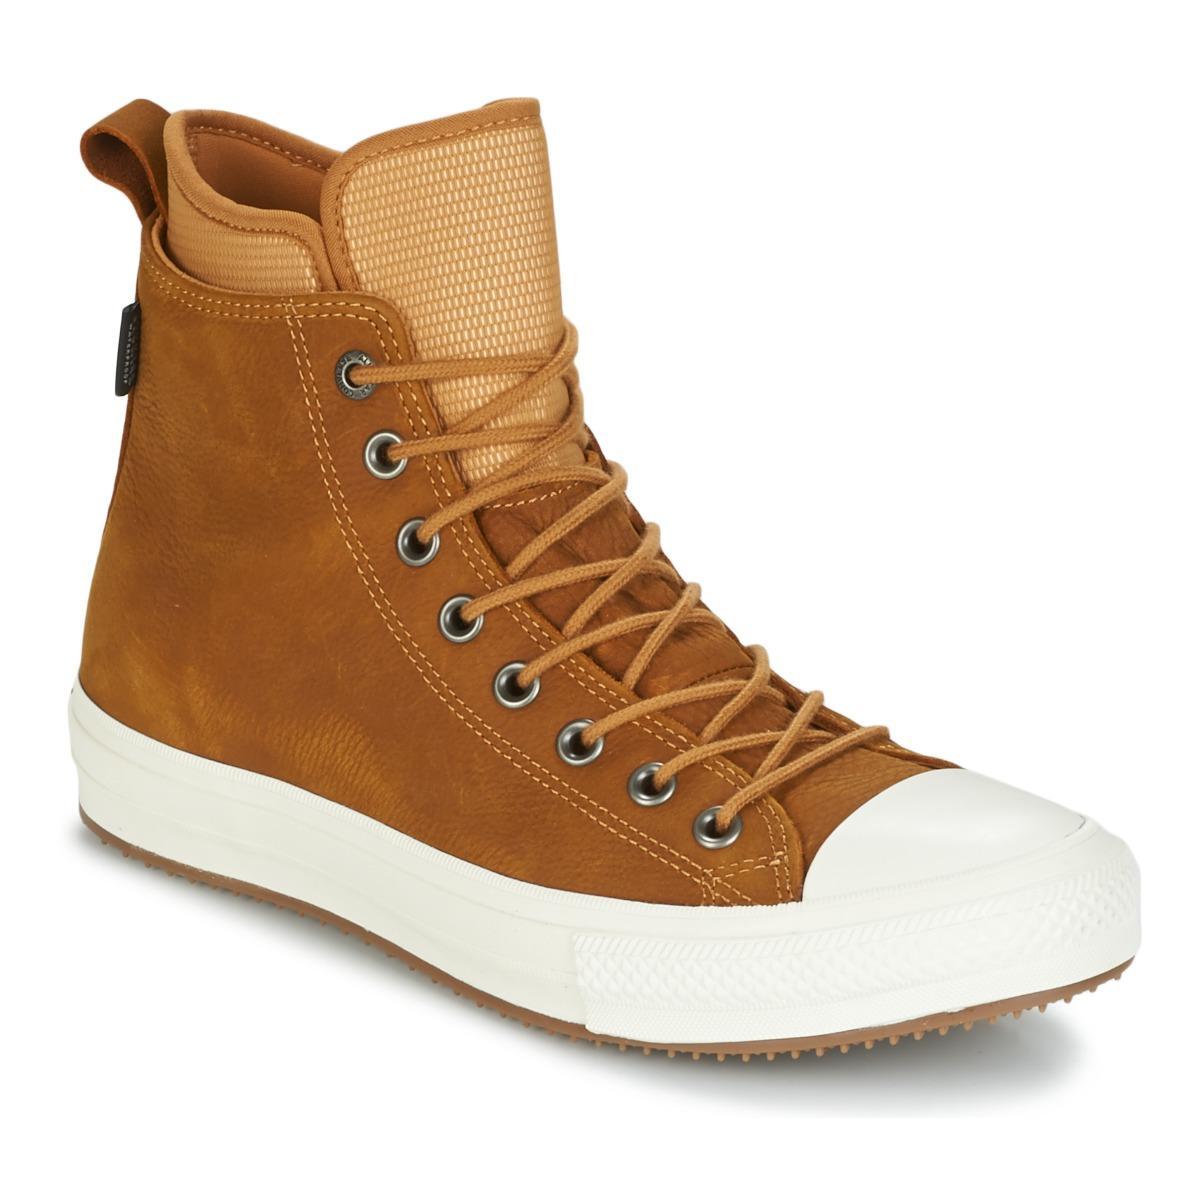 1221176a4c4 Converse Chuck Taylor Wp Boot Nubuck Hi Raw Sugar egret gum Shoes ...